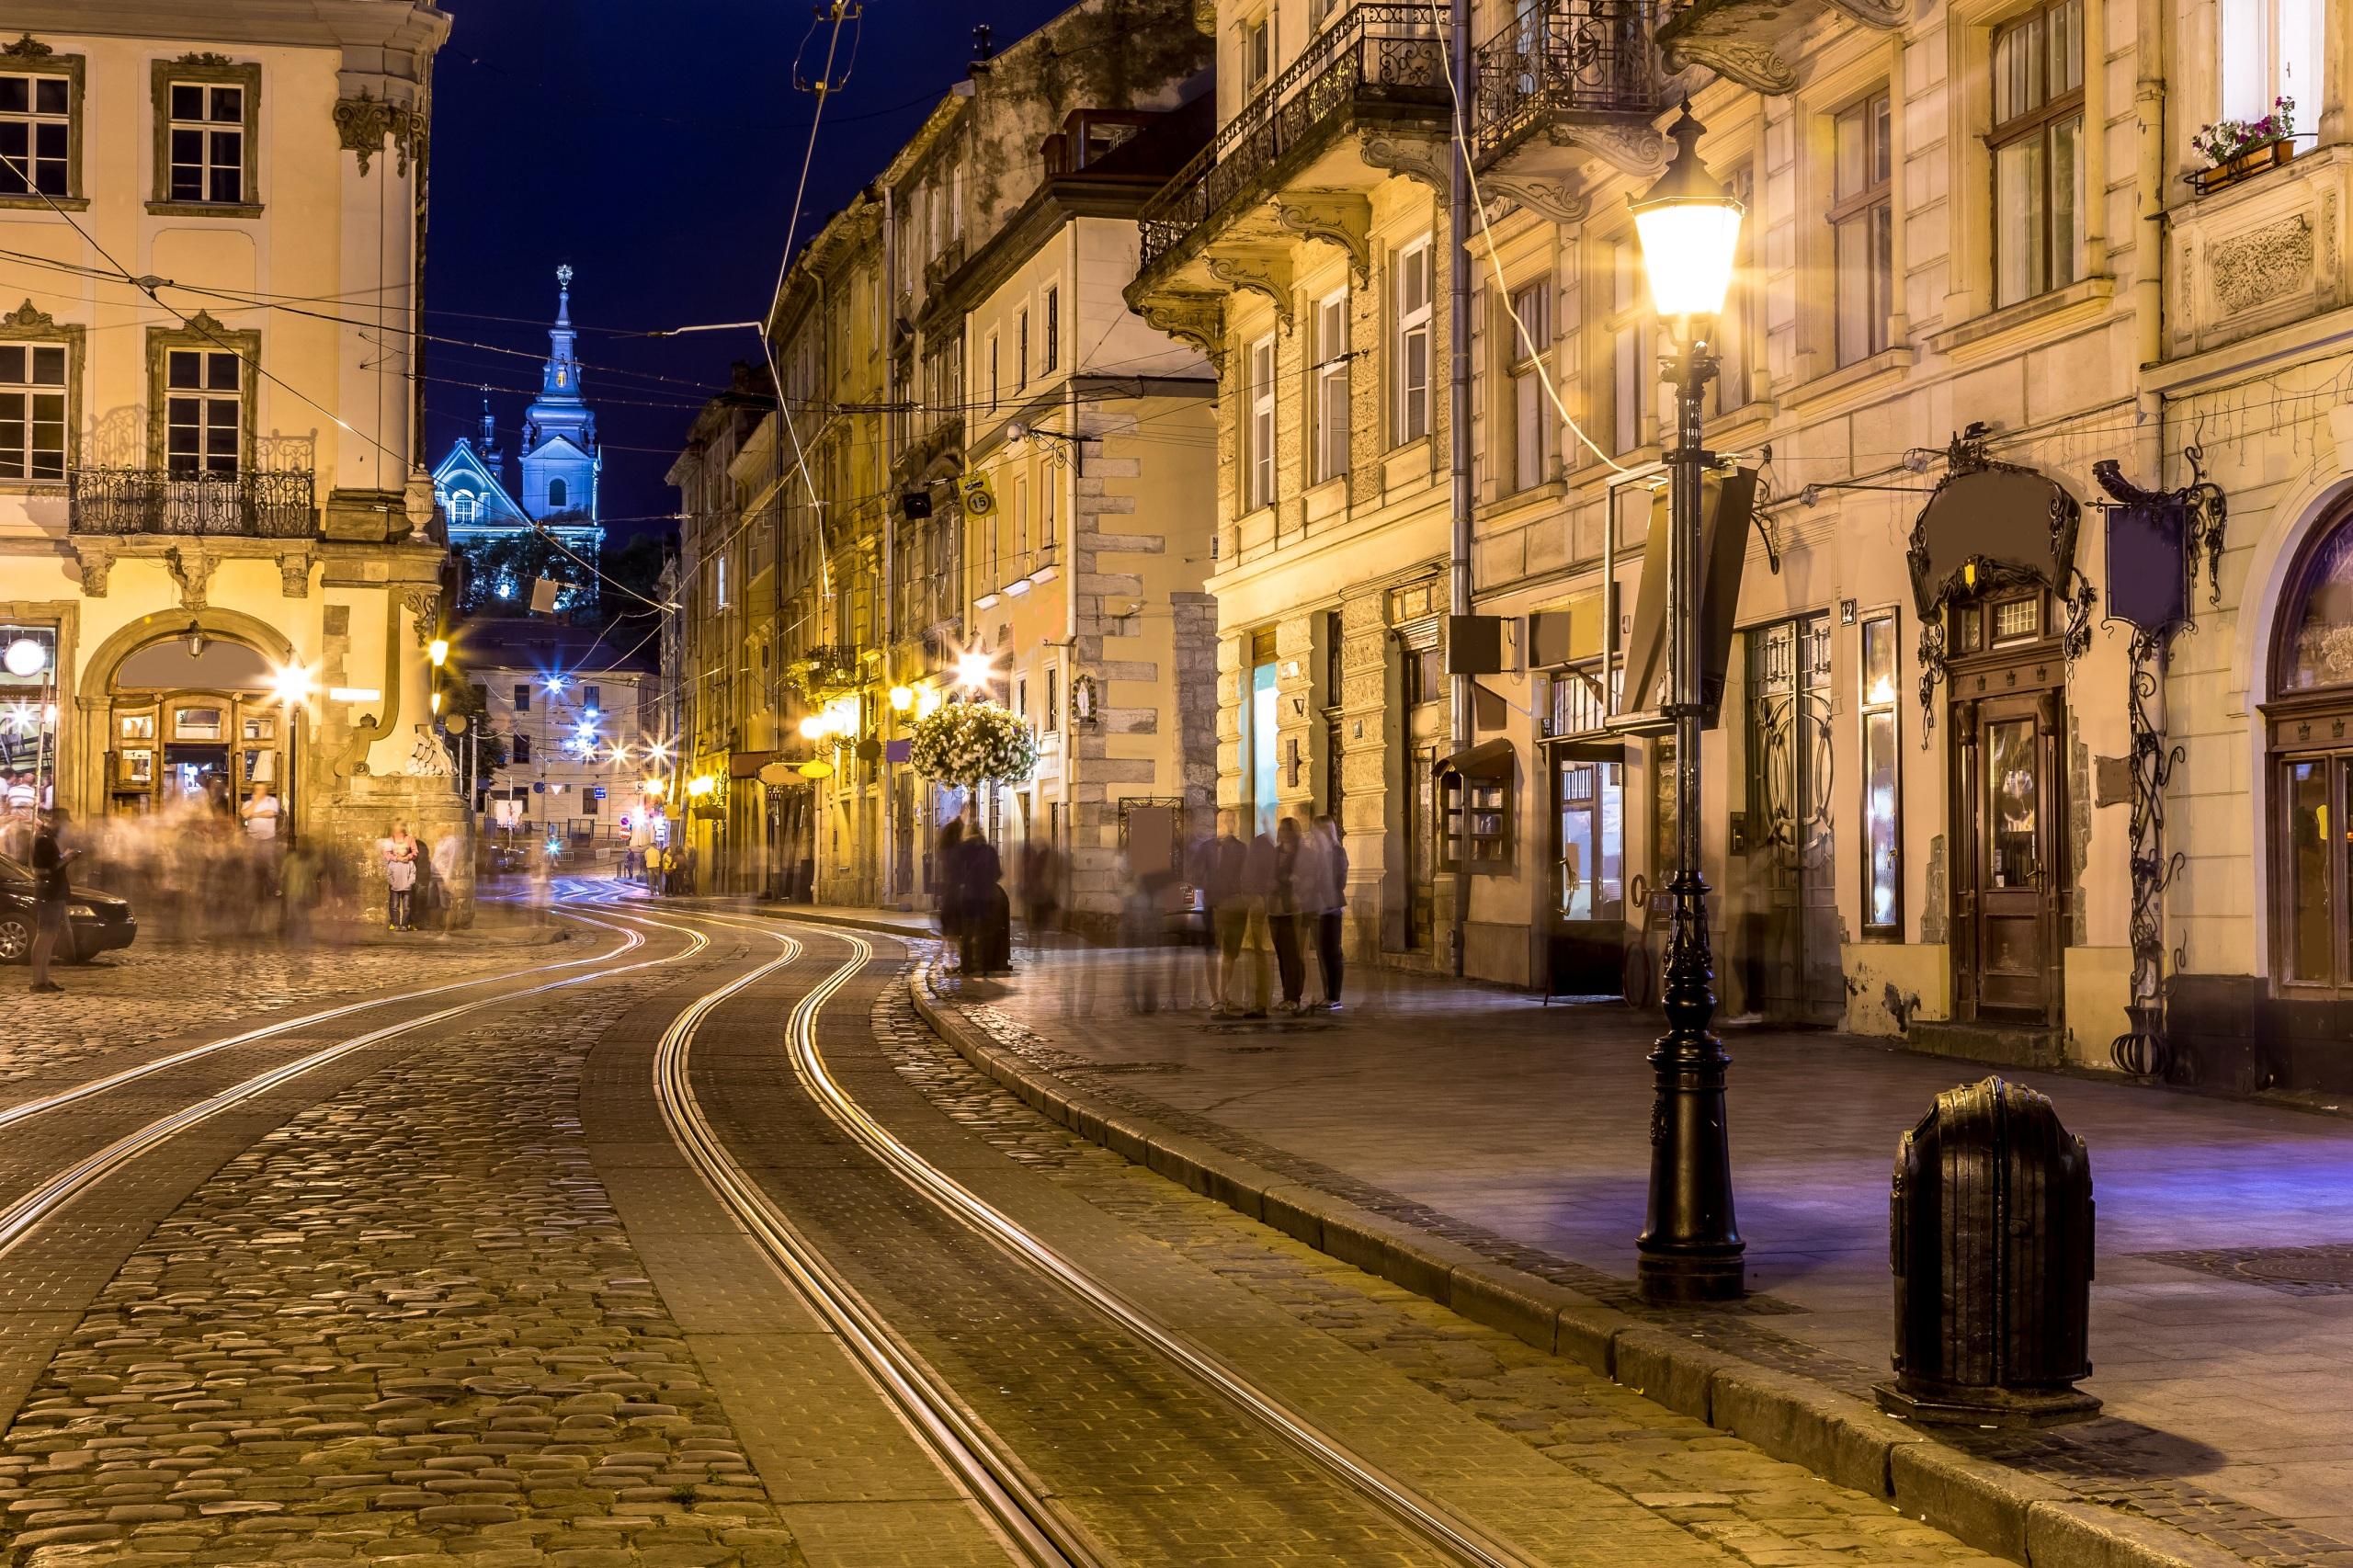 Картинка Львов Украина Улица Дороги Вечер Уличные фонари Города Здания 2560x1706 Дома